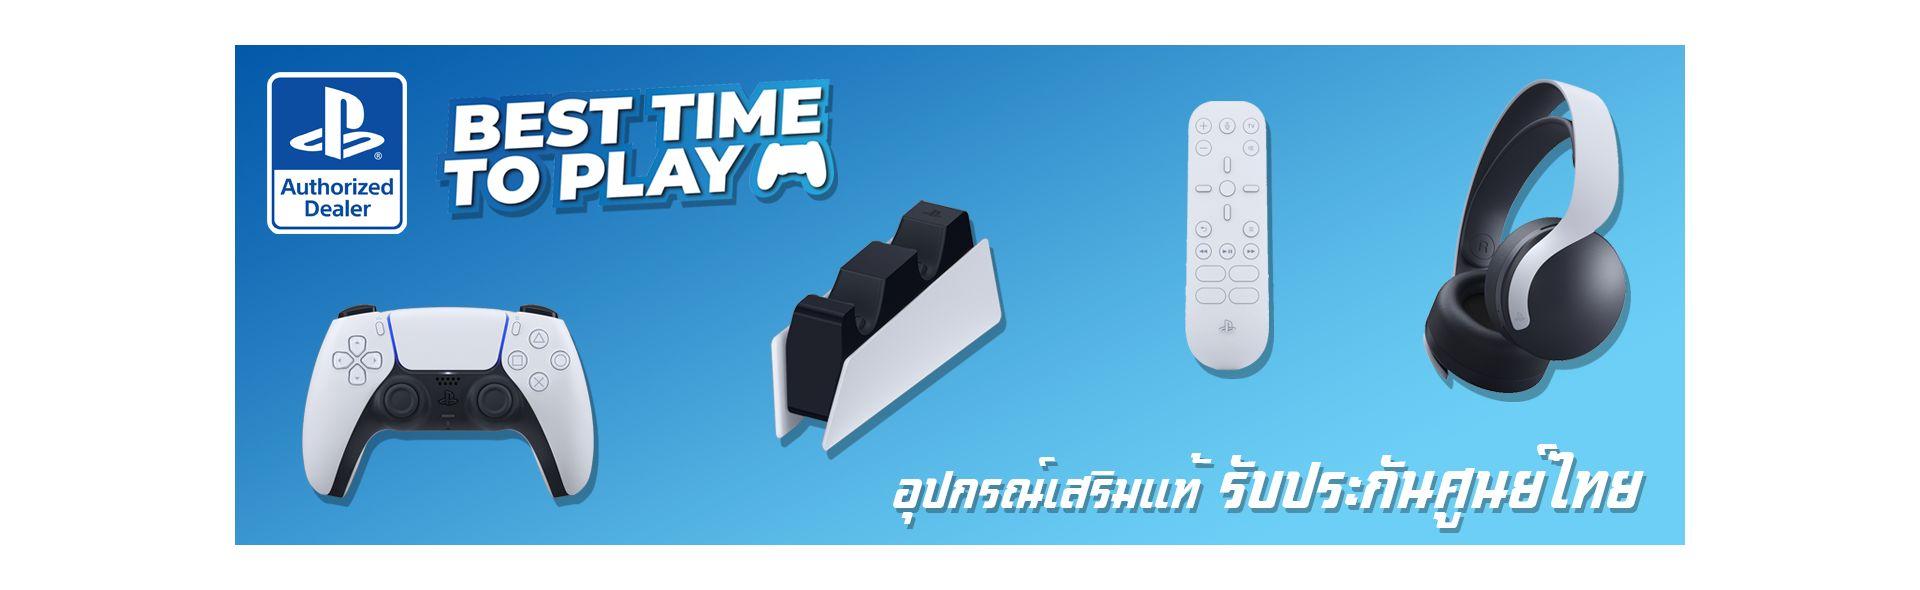 อุปกรณ์เสริมเครื่องเกม PS5